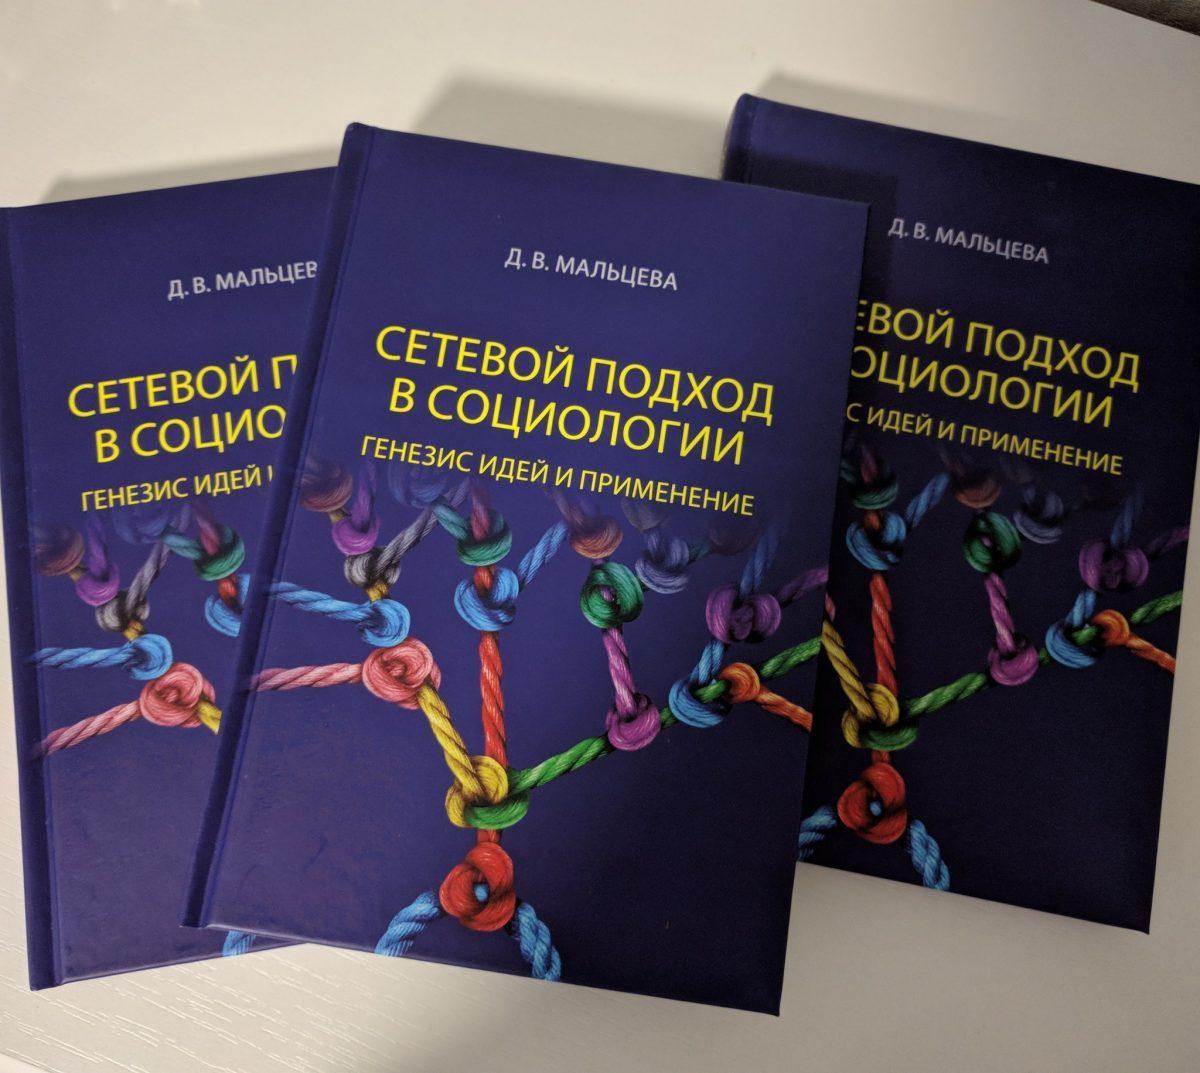 Сетевой подход в социологии: генезис идей и применение